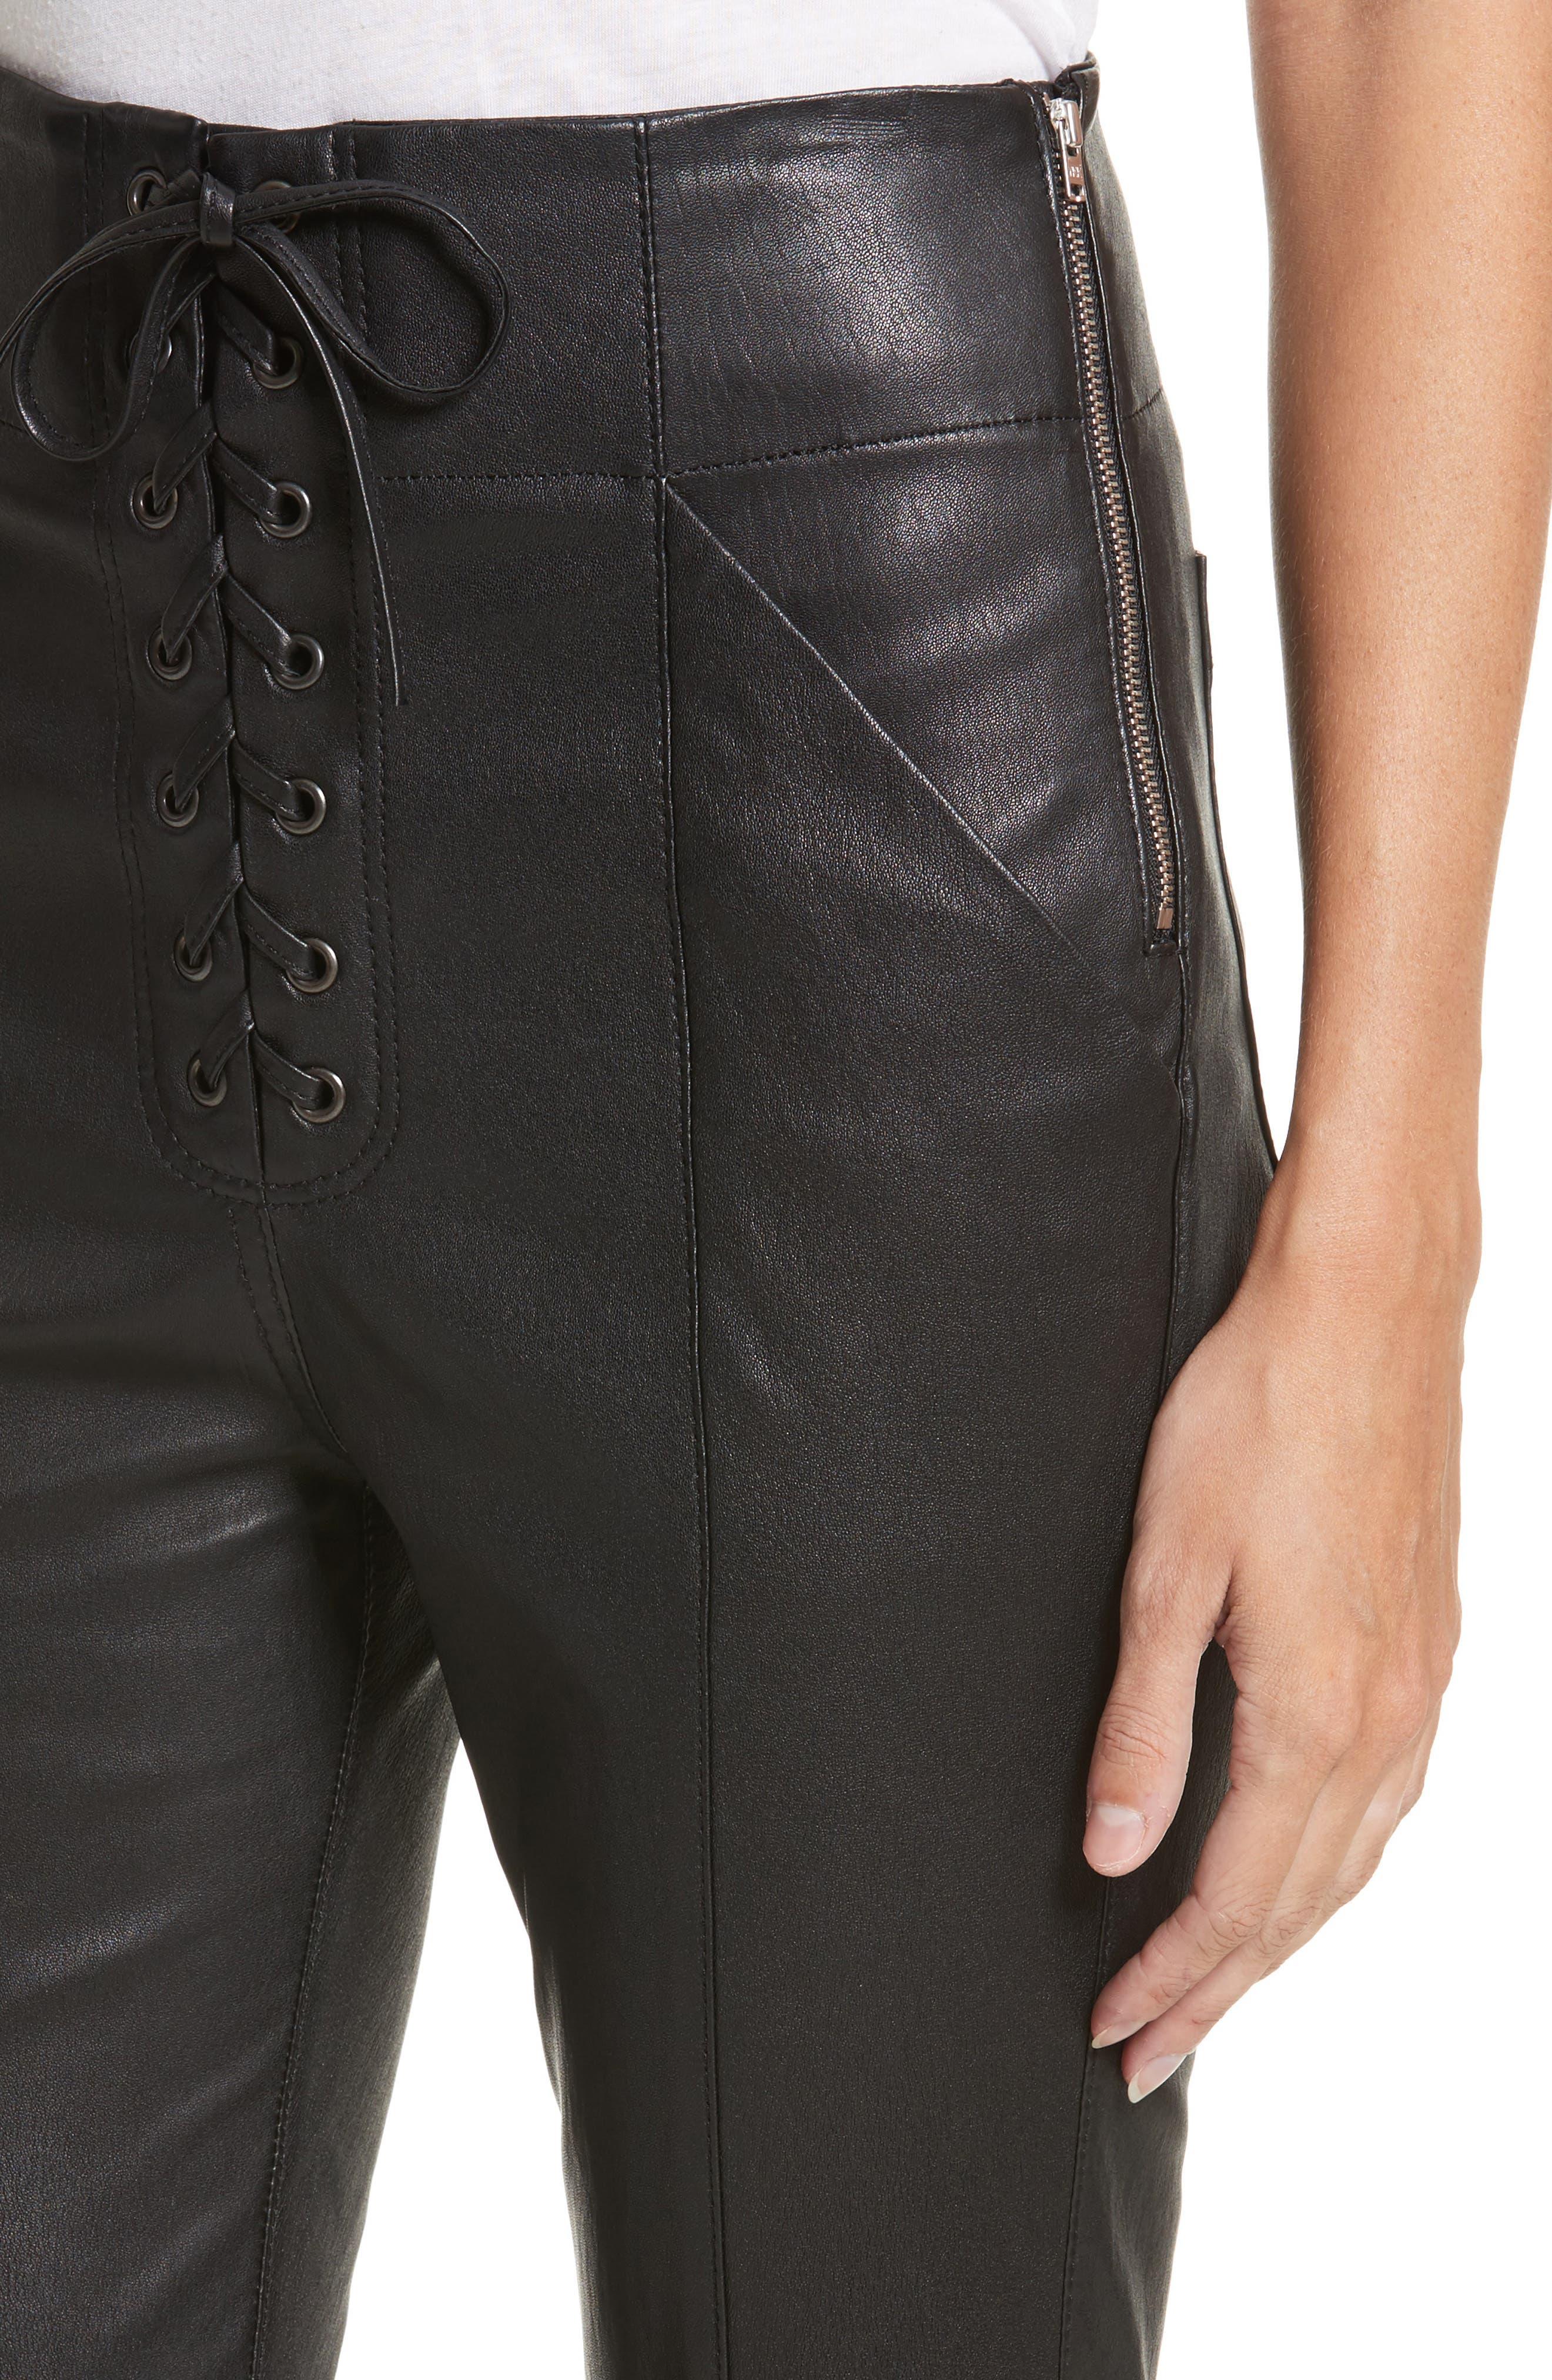 Delia Lace Up Leather Pants,                             Alternate thumbnail 4, color,                             Black